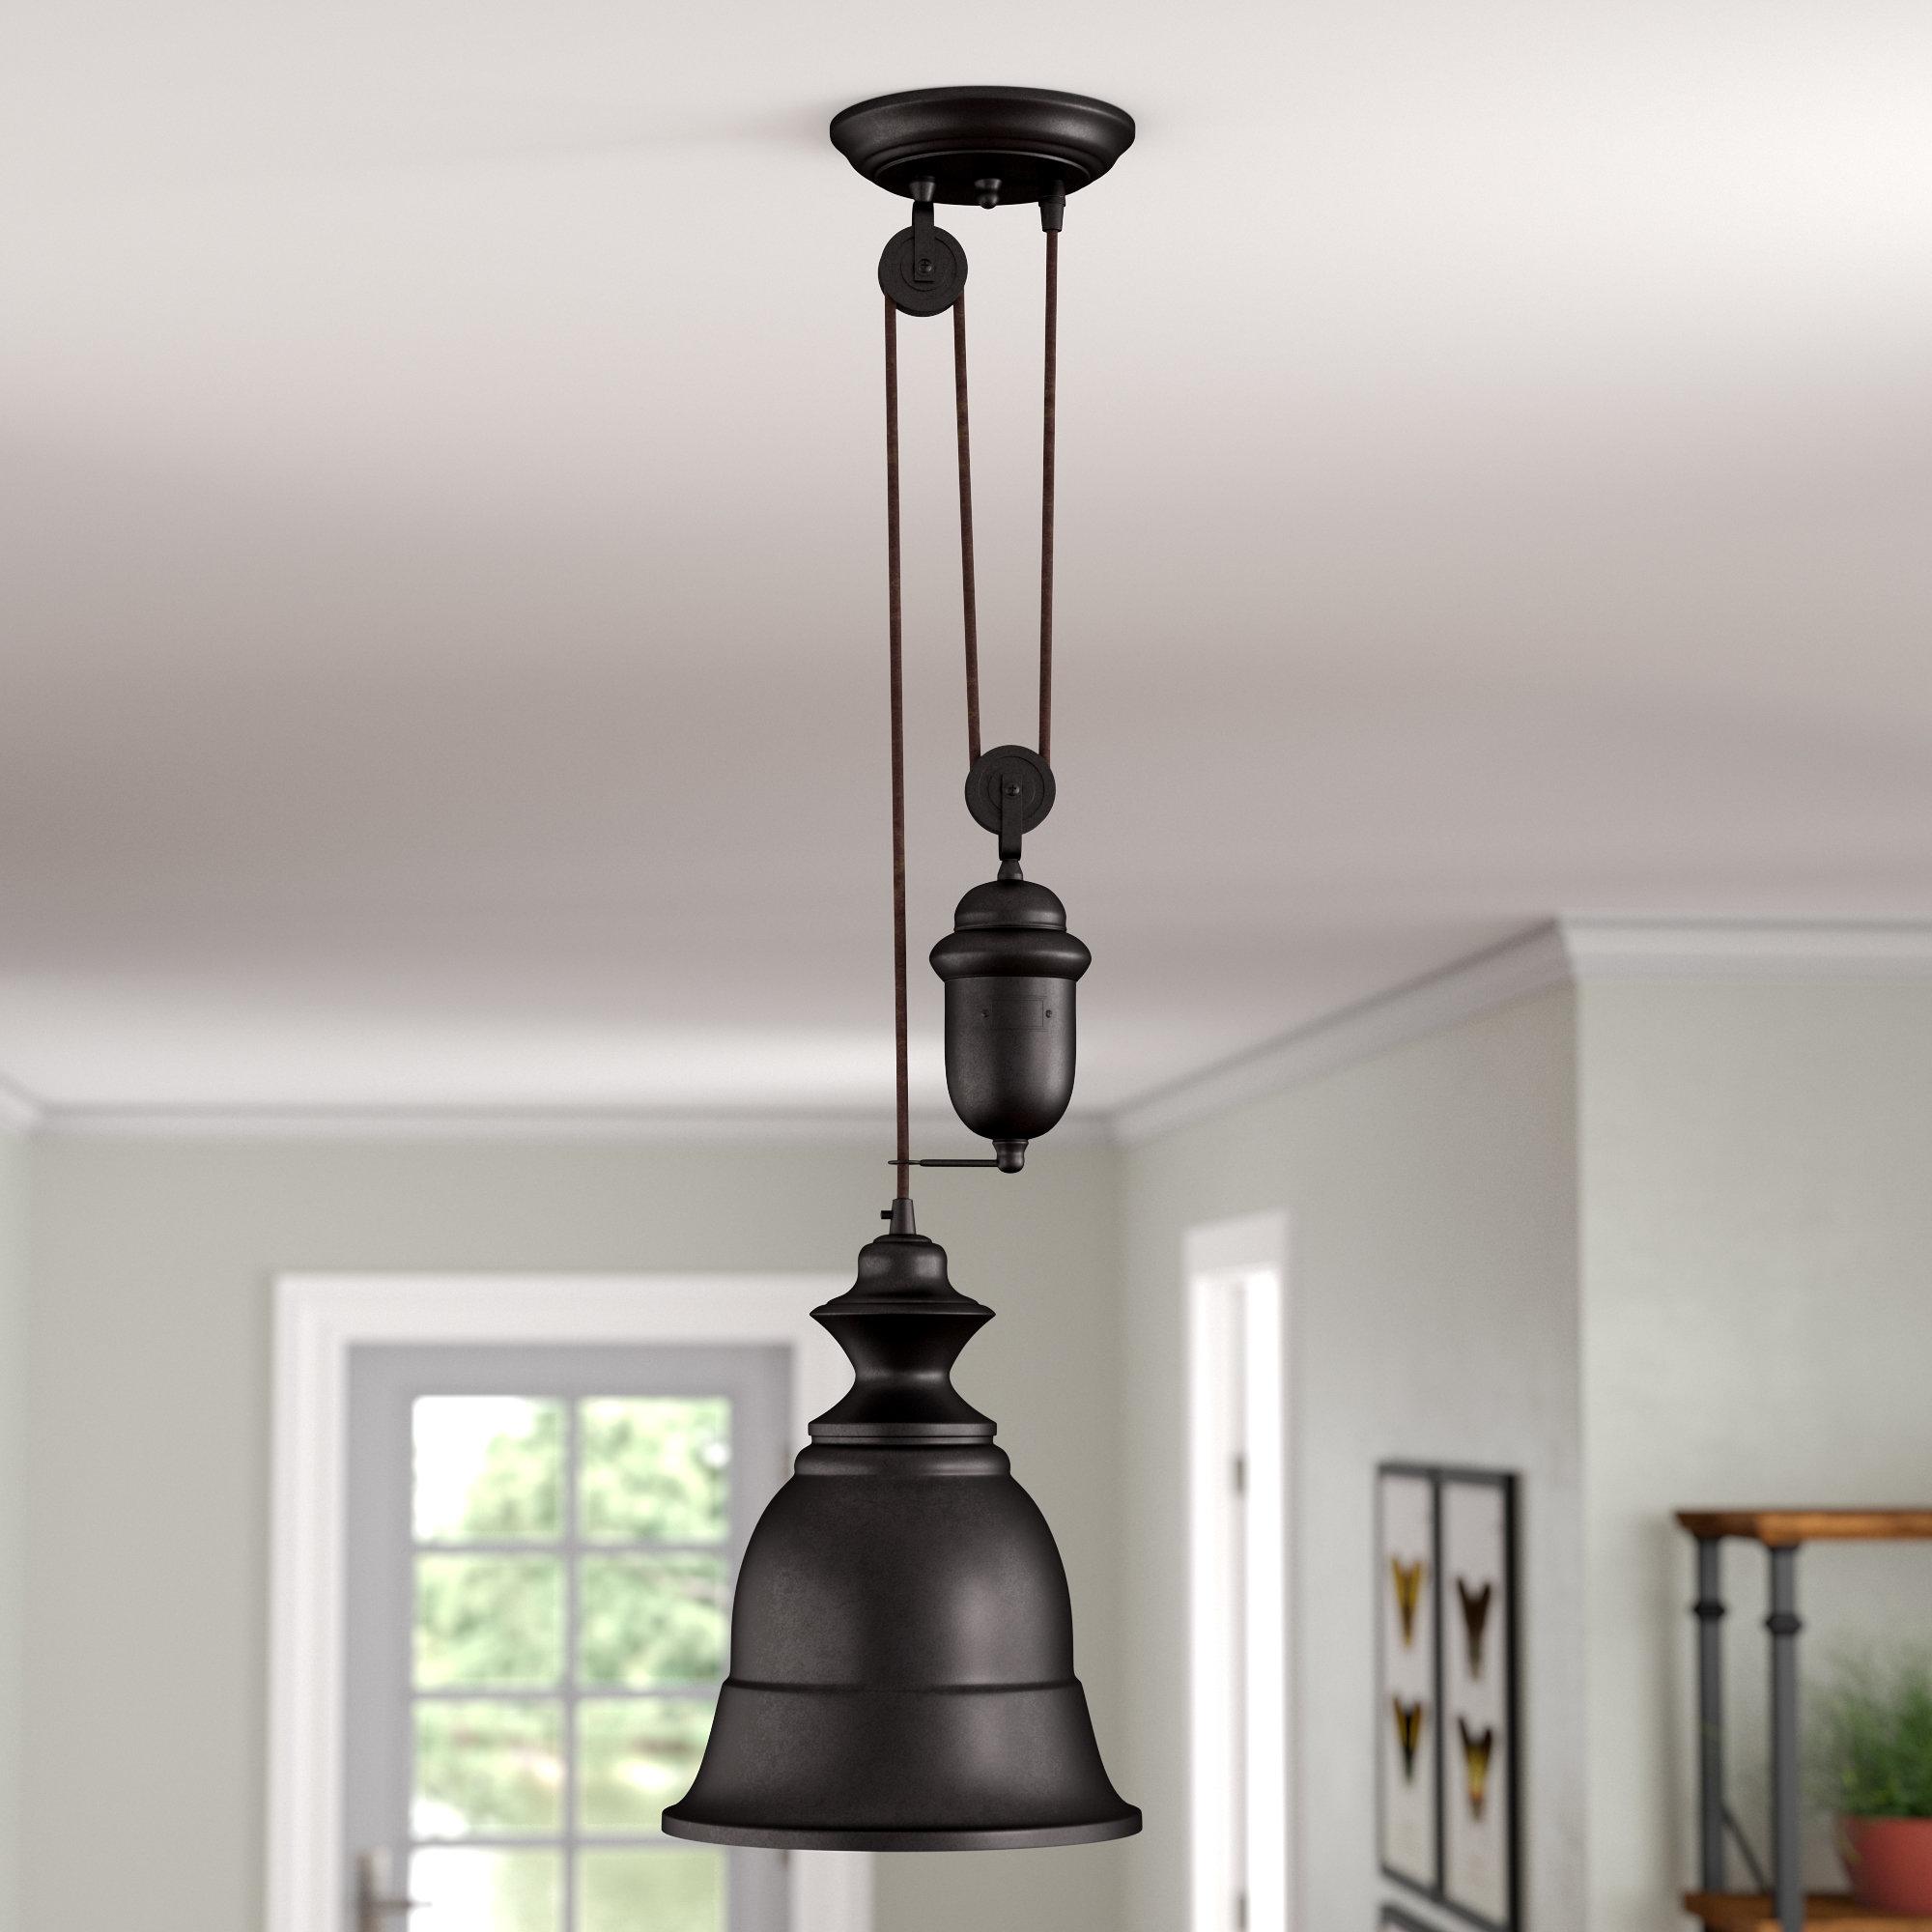 August Grove Elsenborn 1 Light Single Bell Pendant Within Erico 1 Light Single Bell Pendants (View 9 of 30)